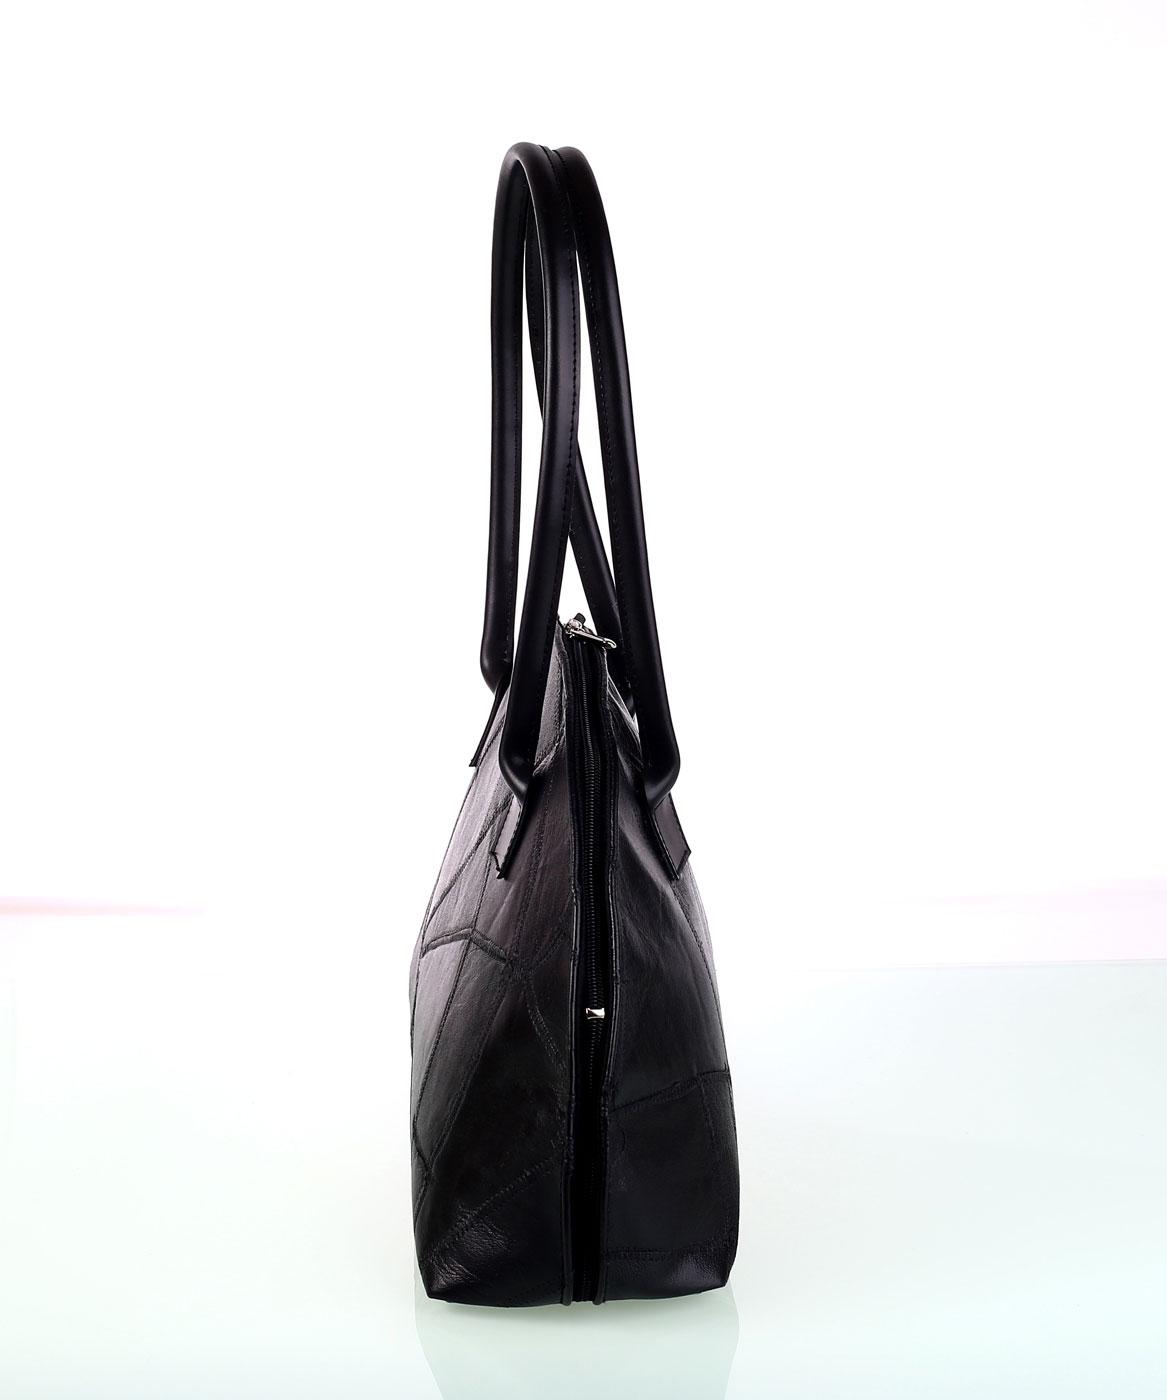 Dámska kožená kabelka s rúčkami Kbas čierna 494c1f870c2